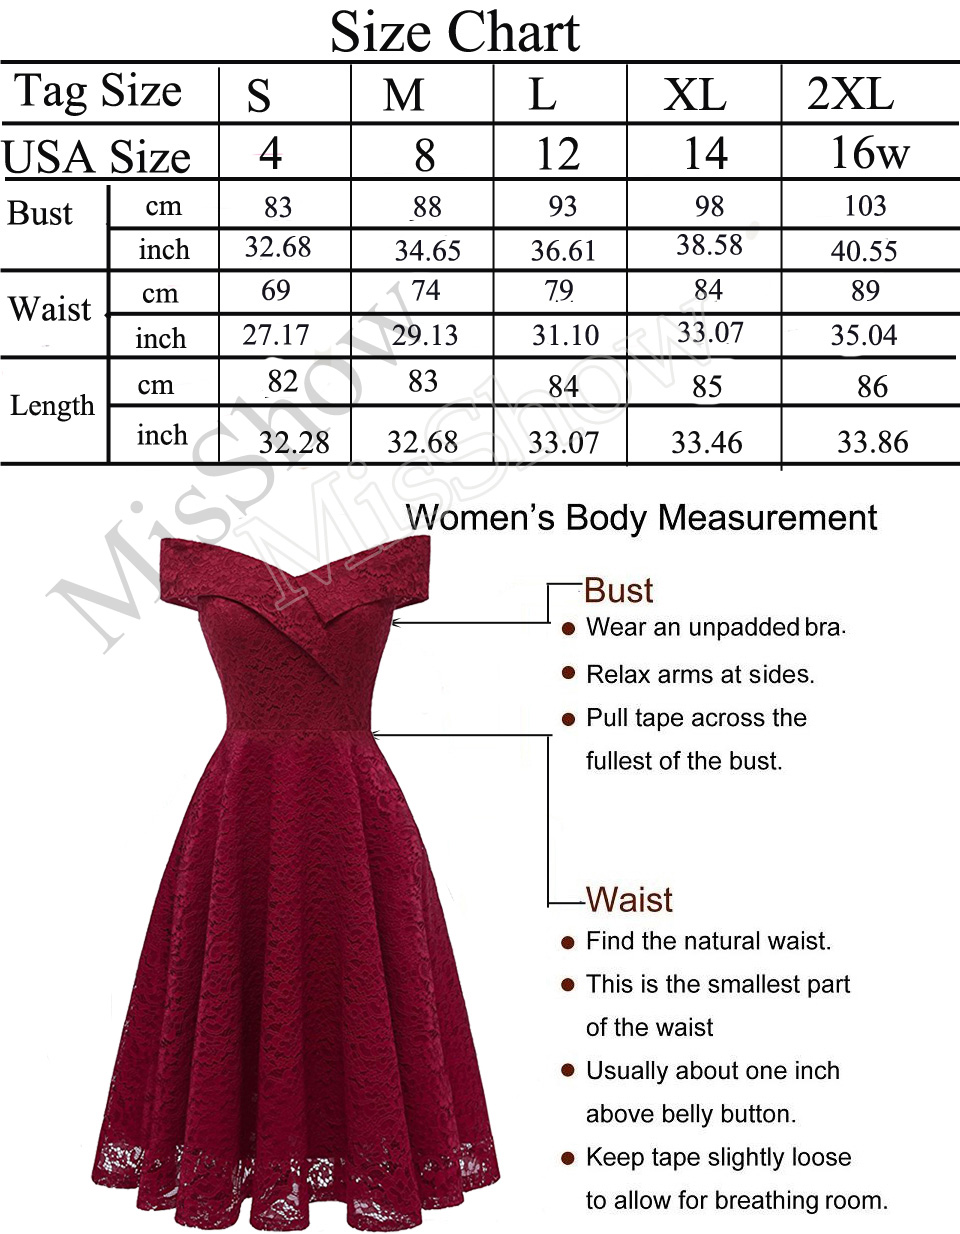 Коктейльные платья сексуальное бордовое кружевное короткое платье для вечеринки длиной до колена ТРАПЕЦИЕВИДНОЕ ПЛАТЬЕ С v-образным вырезом без рукавов